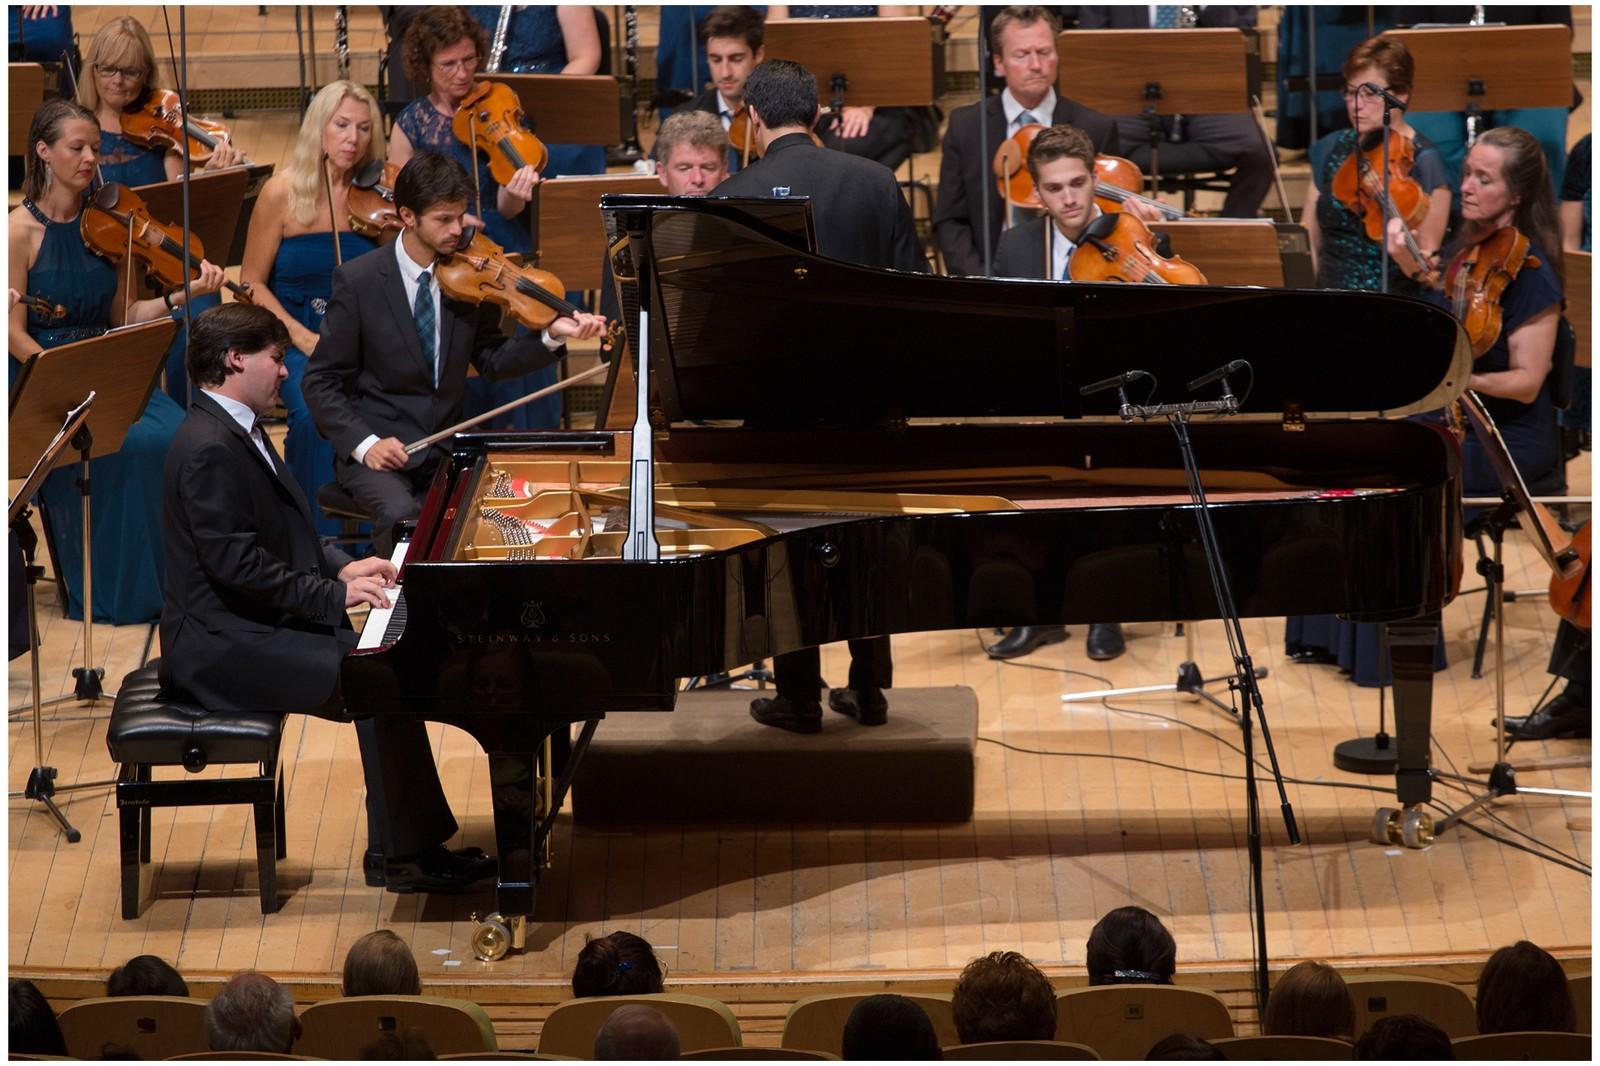 Vadym Kholodenko spiller Grieg